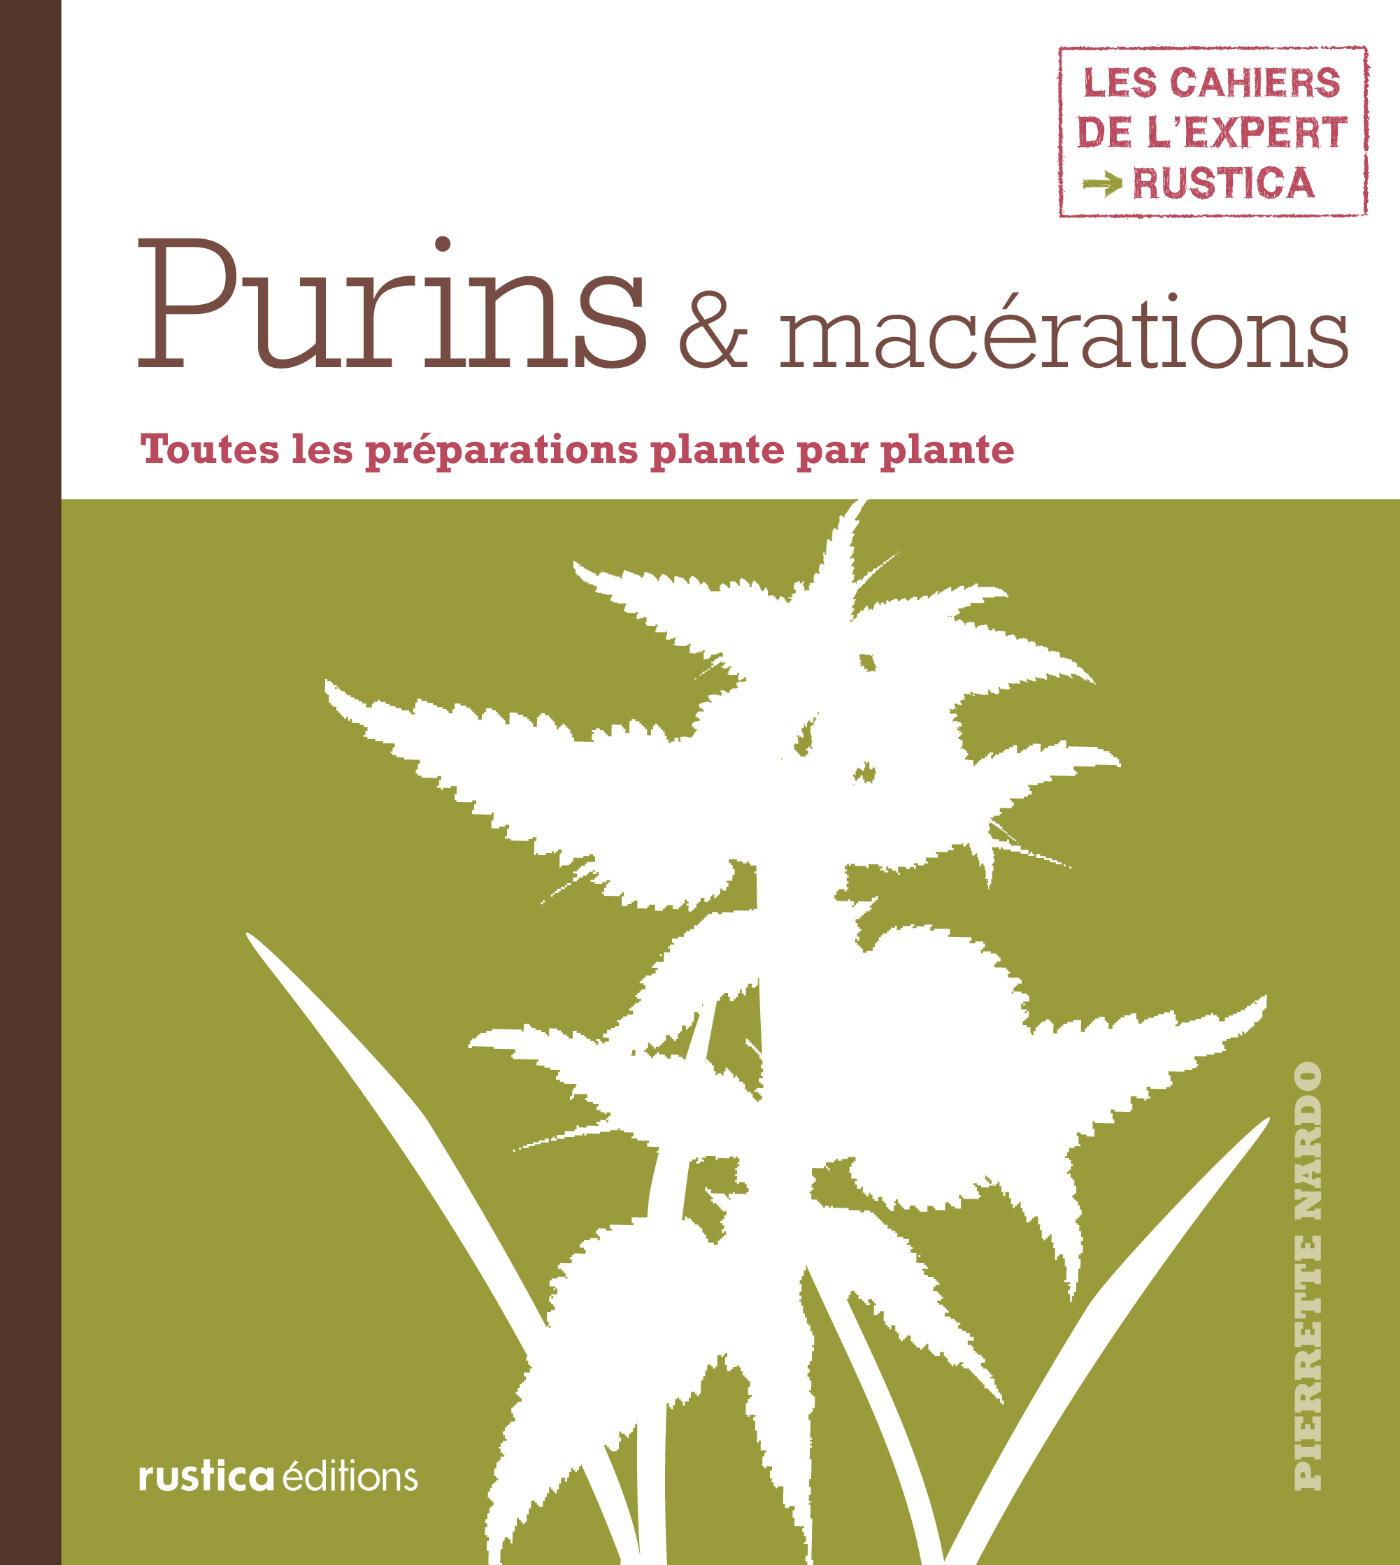 Purins & macérations, TOUTES LES PRÉPARATIONS PLANTE PAR PLANTE